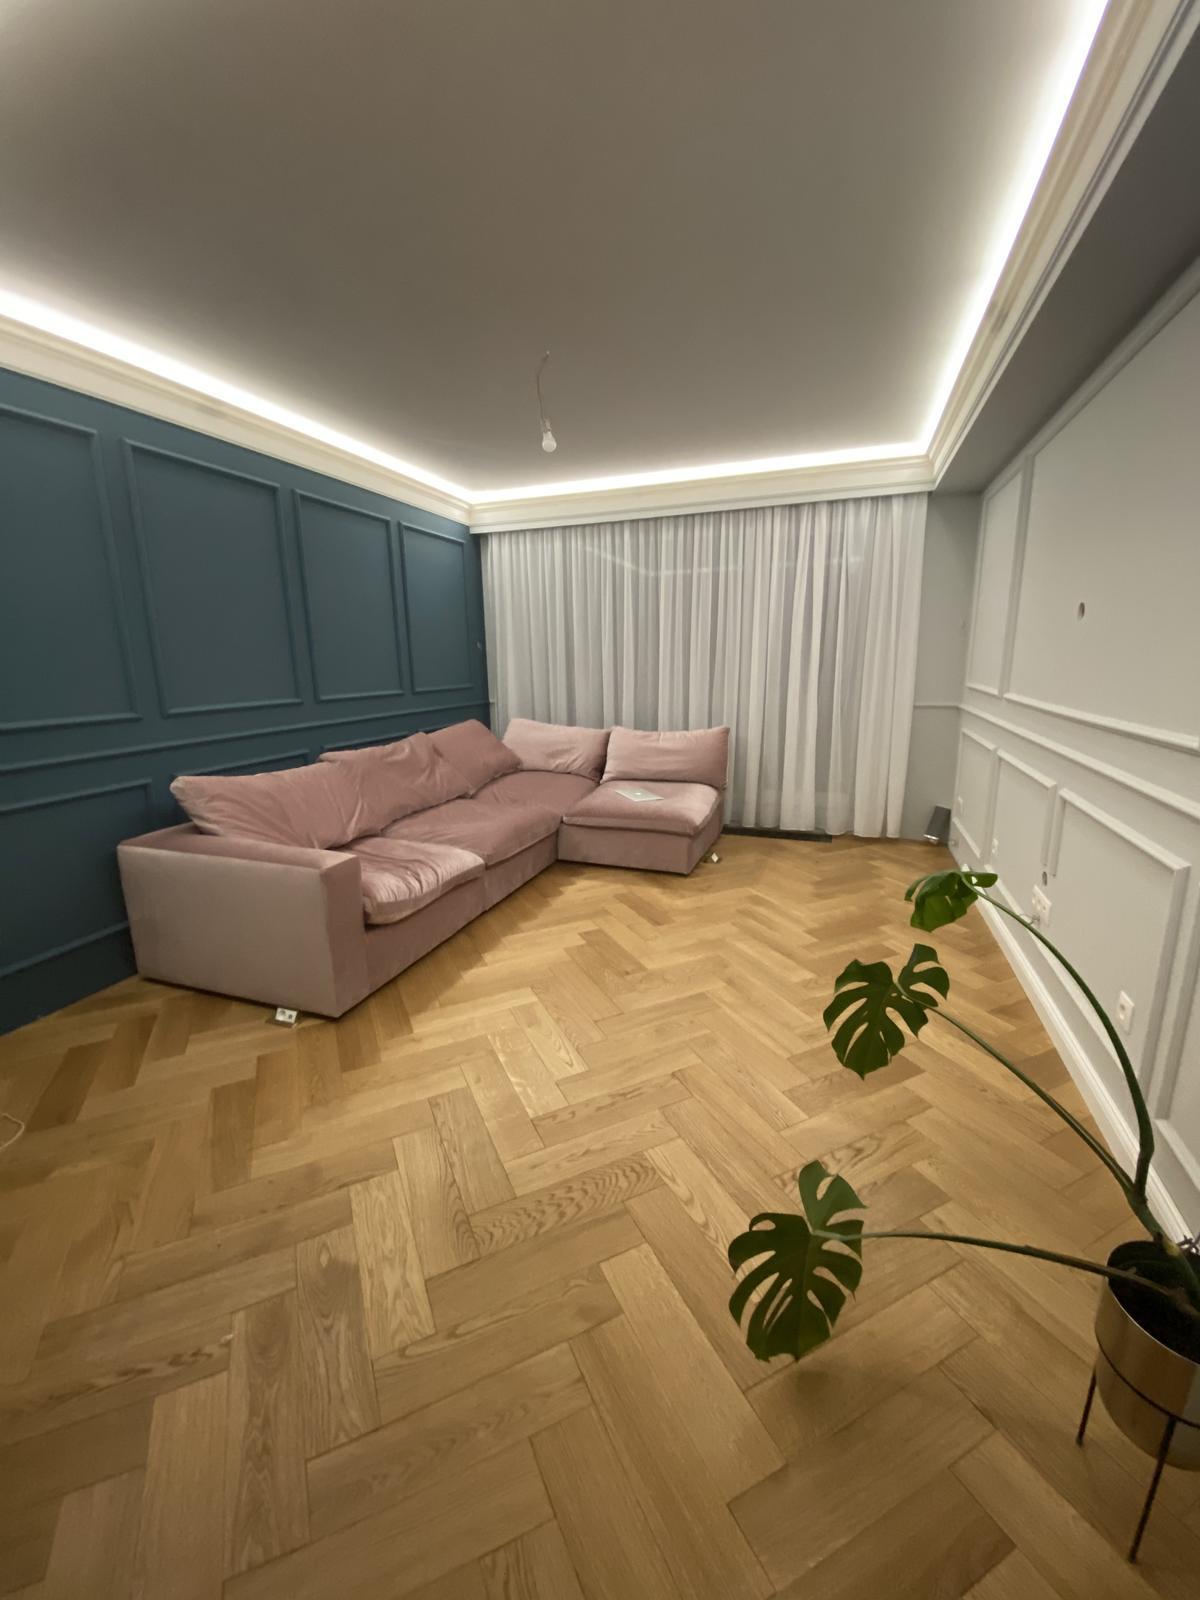 Heslo: Extravagancia & Luxus ❤️ - Bez záclony to u mňa nejde!!!!❤️❤️❤️